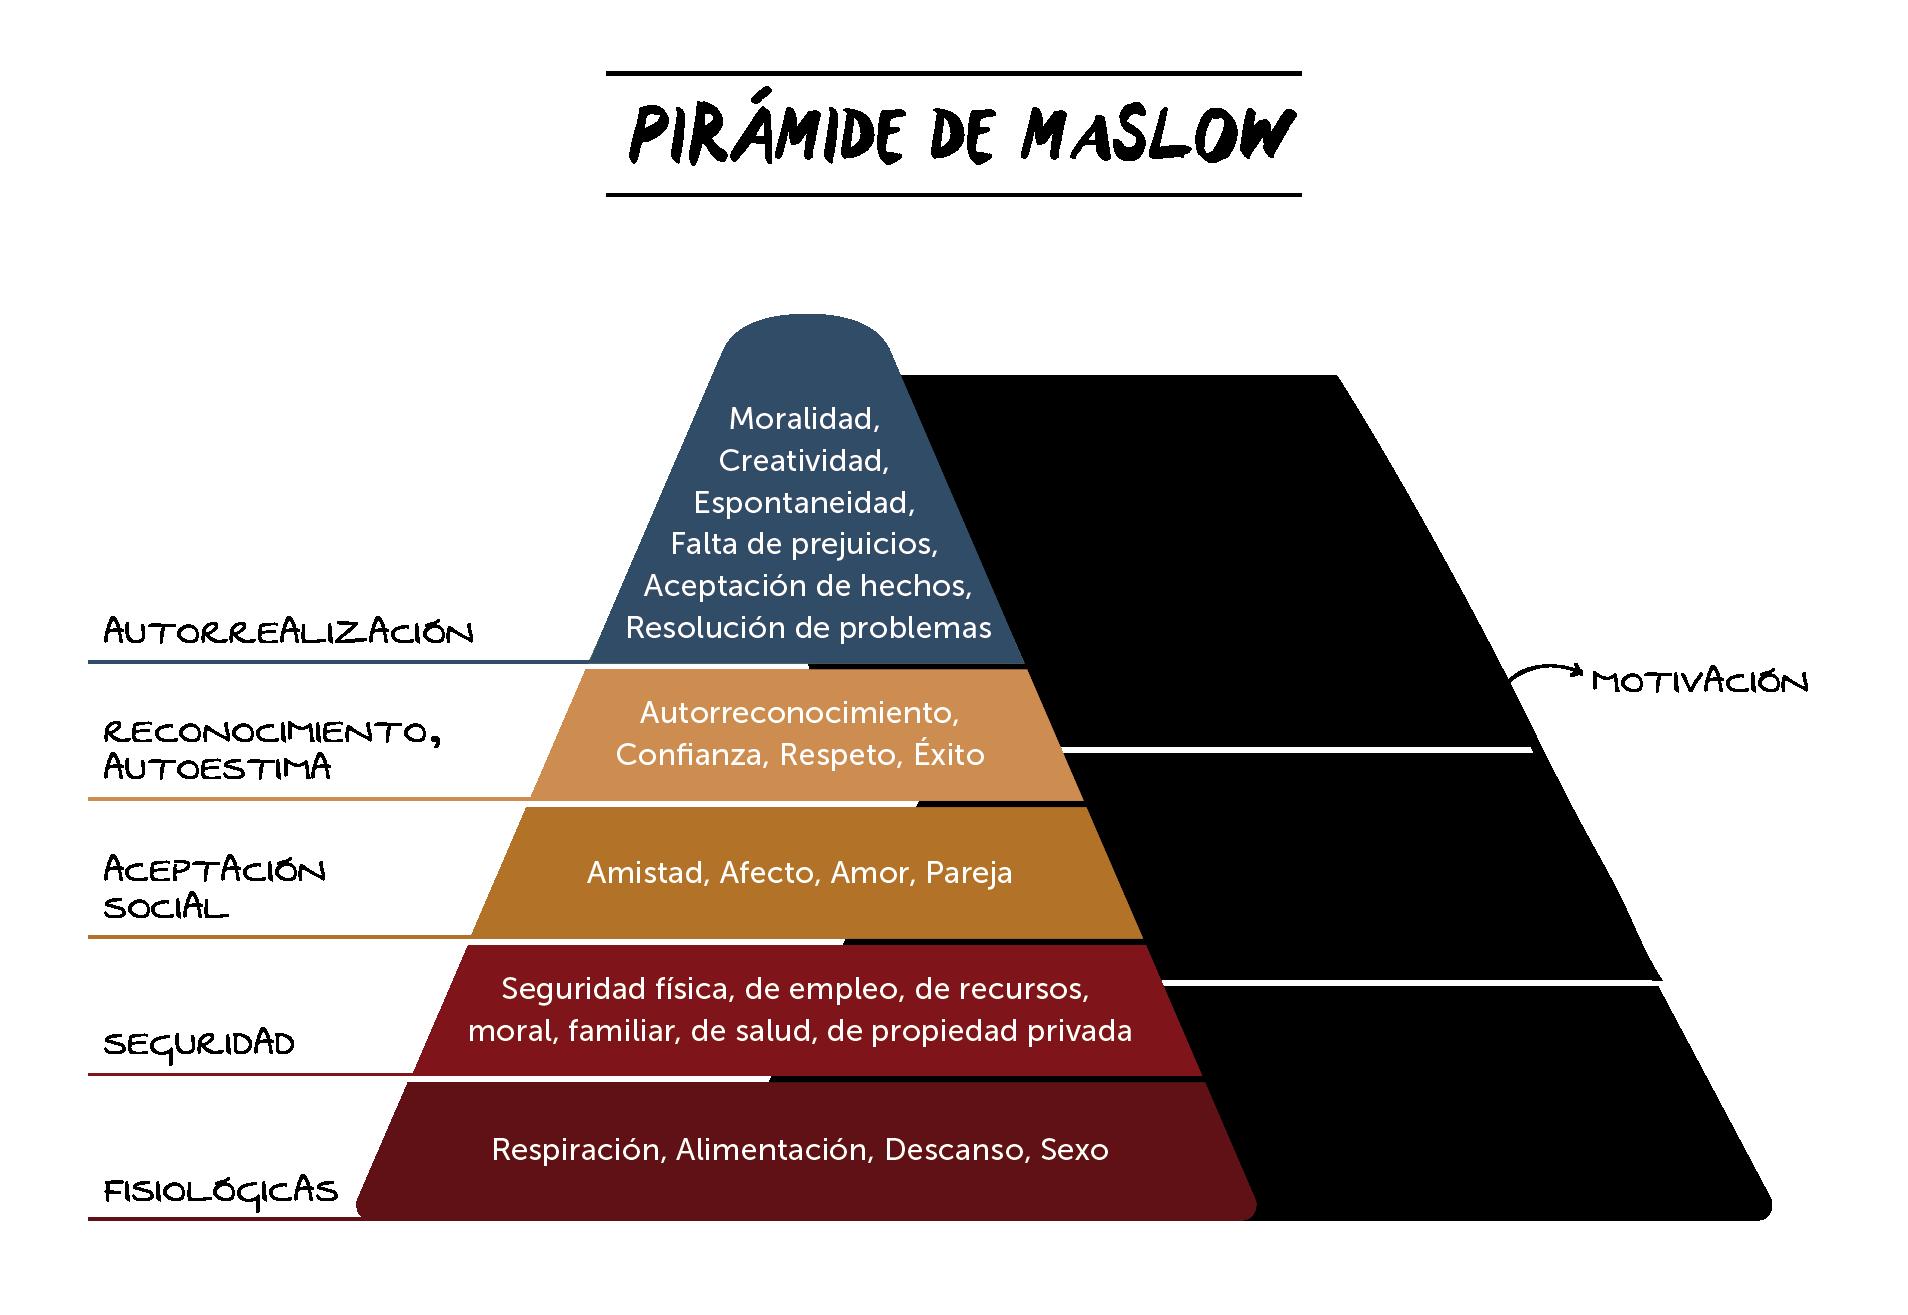 Gráfico de la Pirámide de Maslow